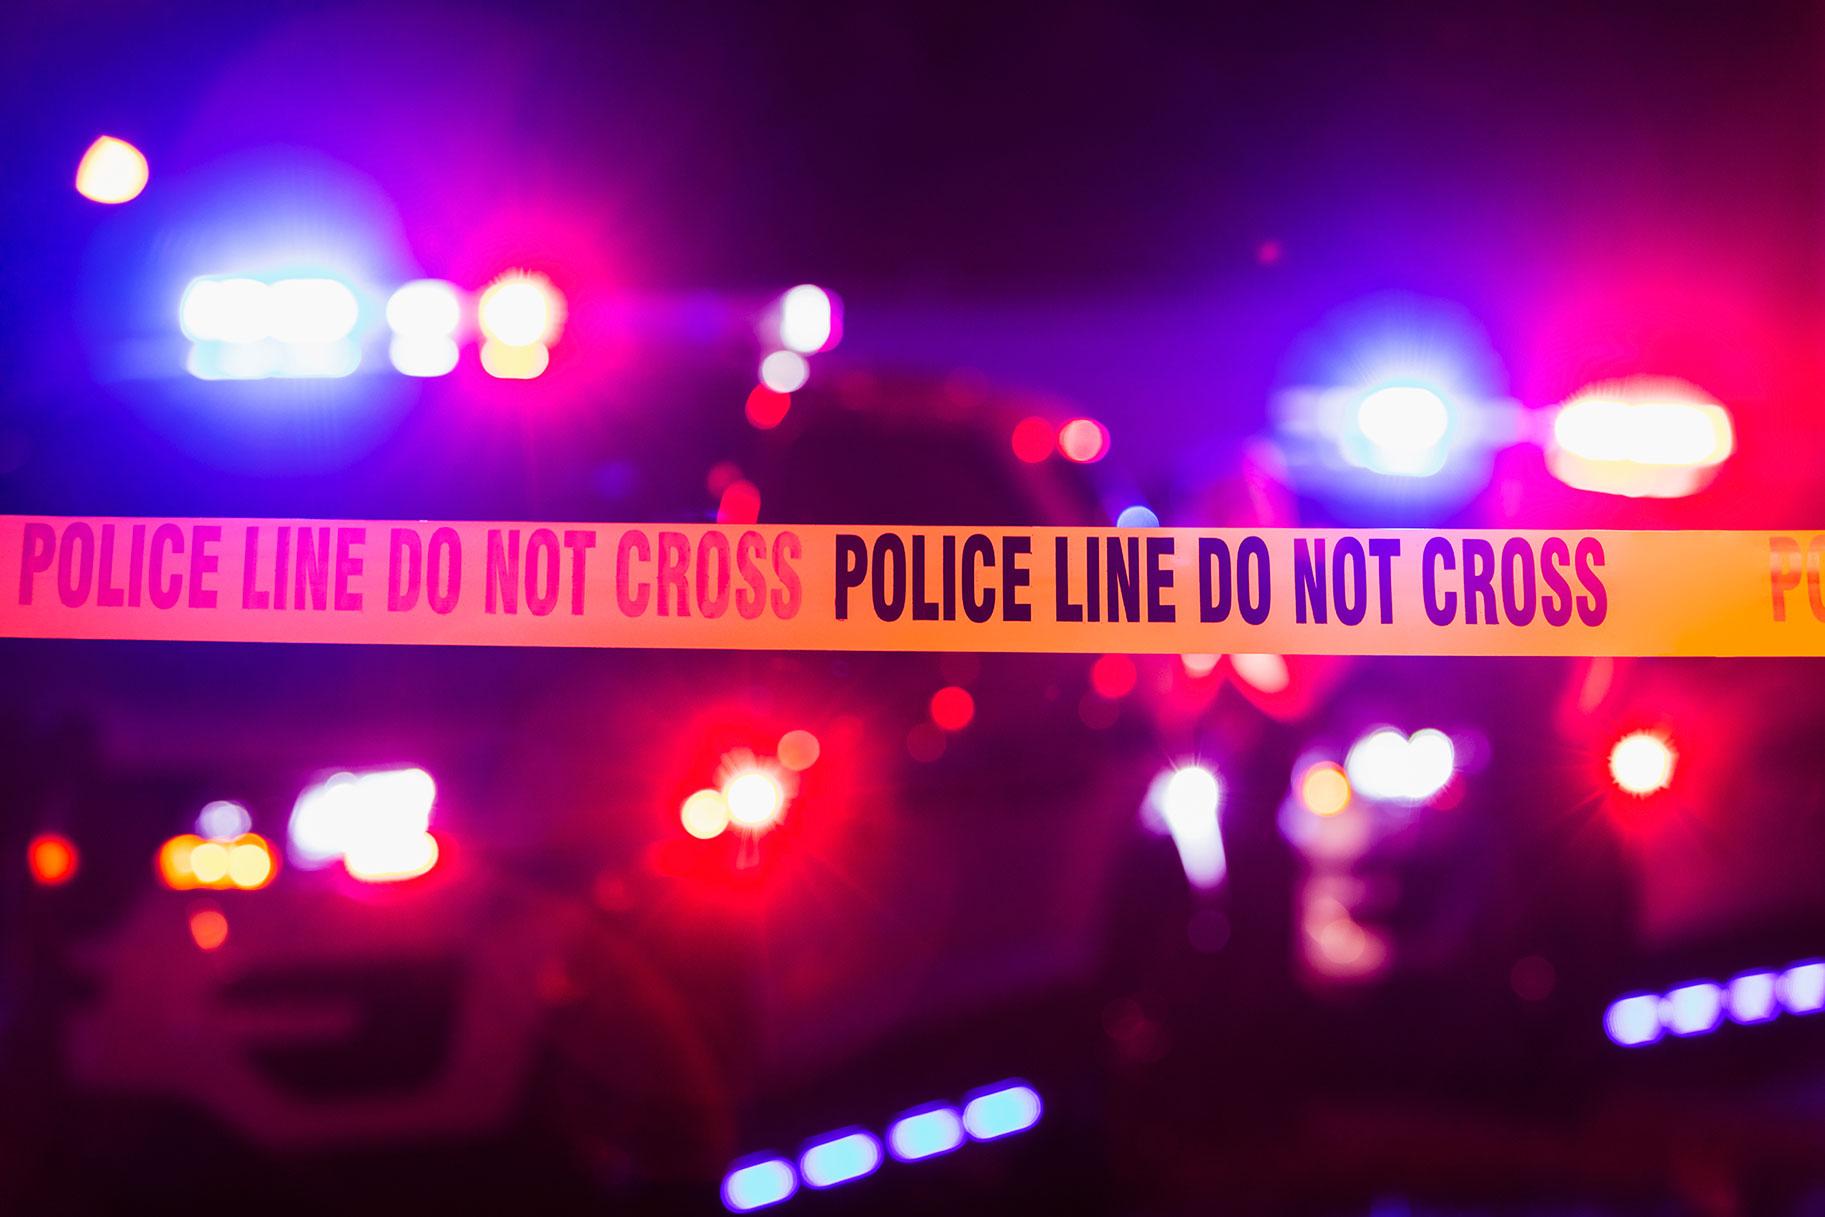 'עירום על האש', איש מת בקאדילק בוער שנמצא על ידי שעות משטרה בנפילות מסתוריות בפילדלפיה